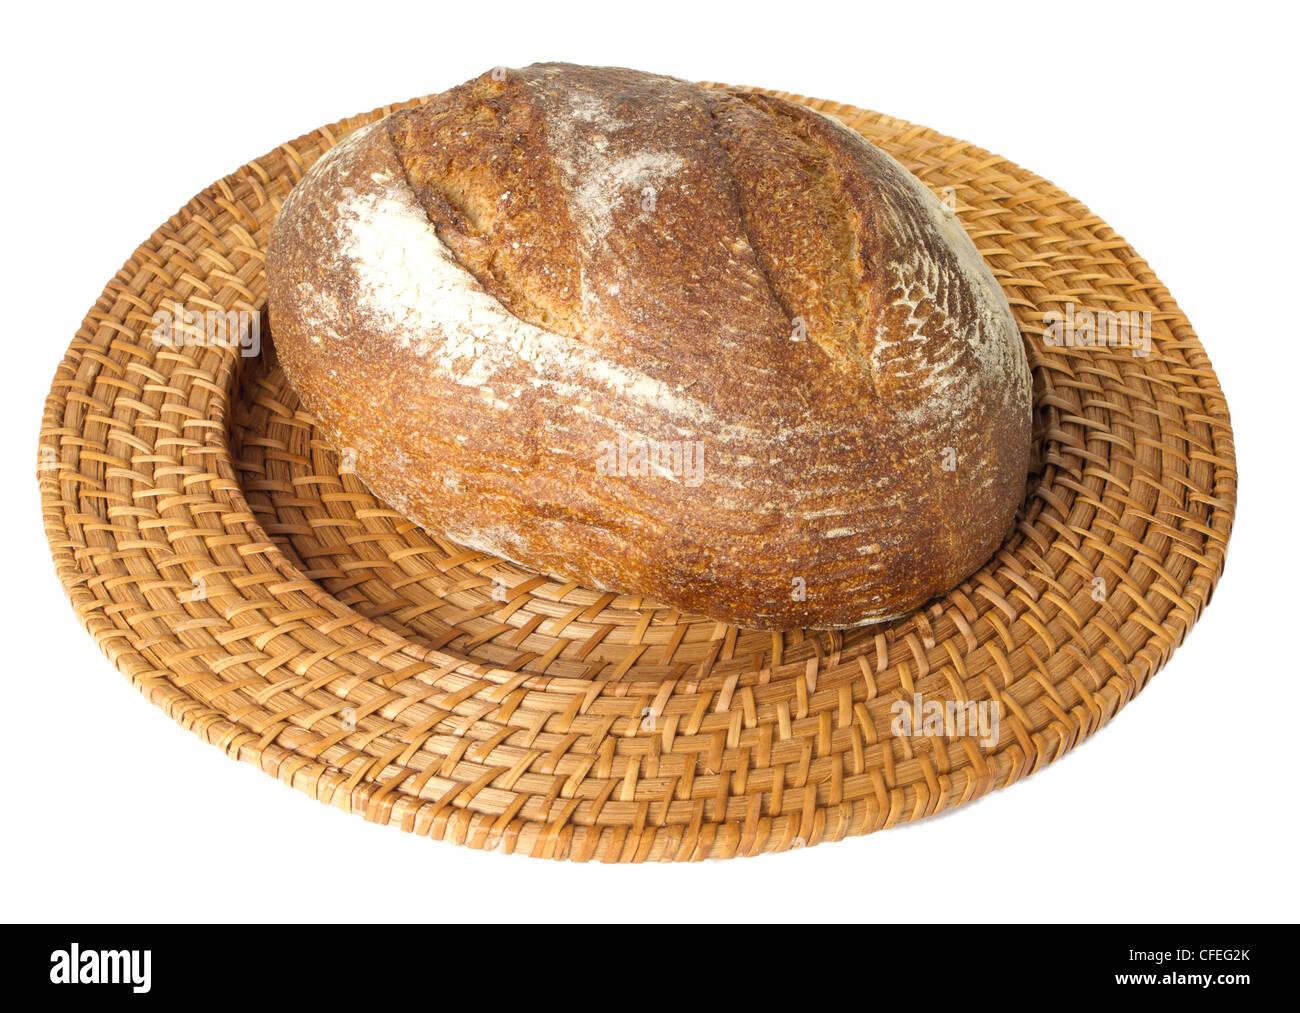 Pain frais cuit de pain de seigle au levain isolated on white affichée sur le plateau en osier isolated on Photo Stock